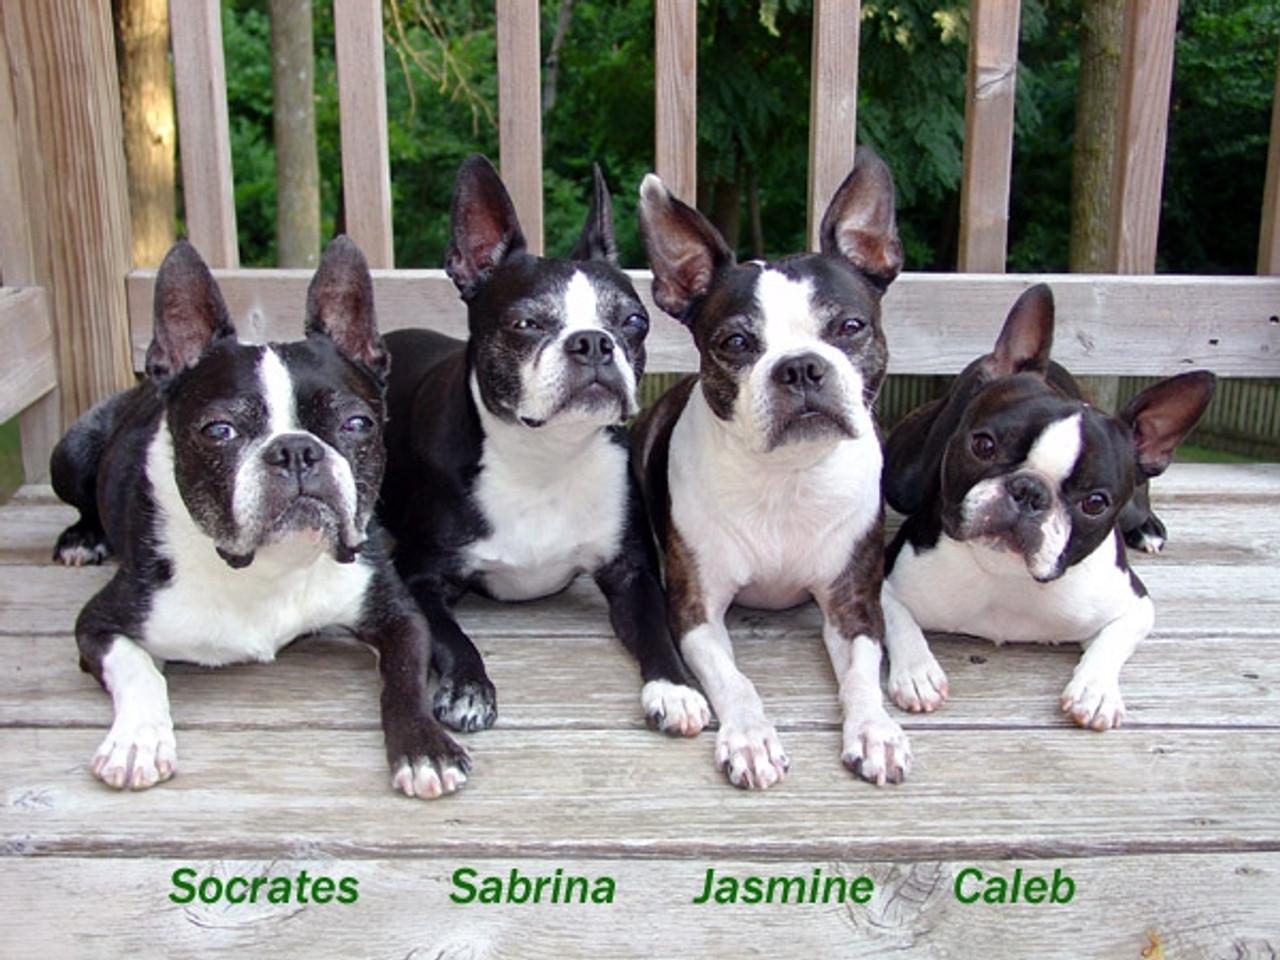 Socrates, Sabrina, Jasmine & Caleb (2008 Winner)